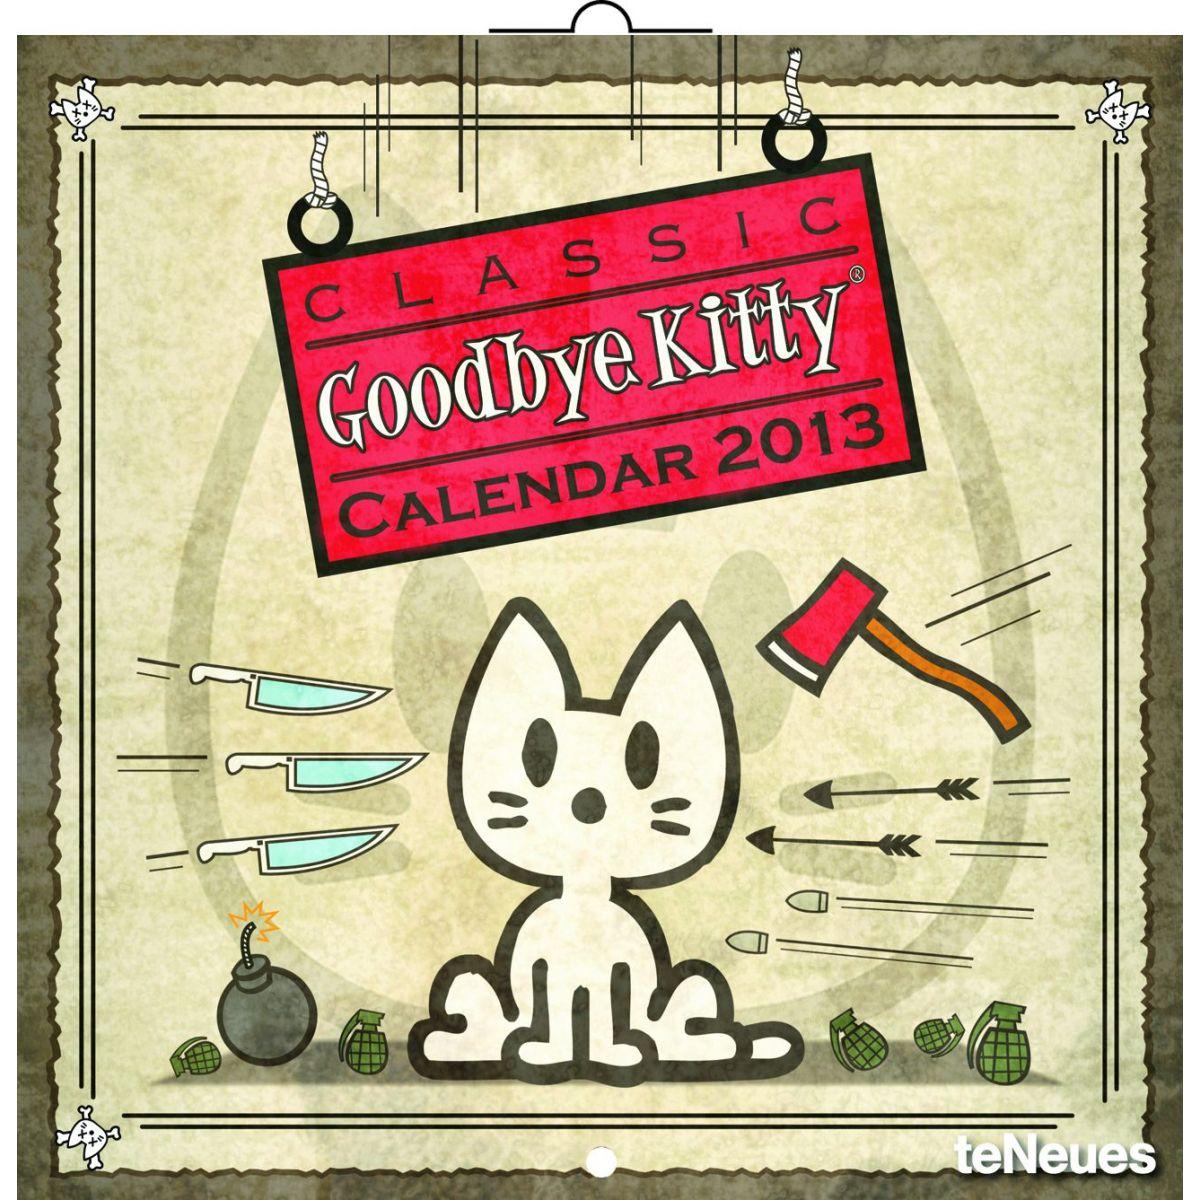 Goodbye Kitty, poznámkový kalendář 2013, 30 x 60 cm